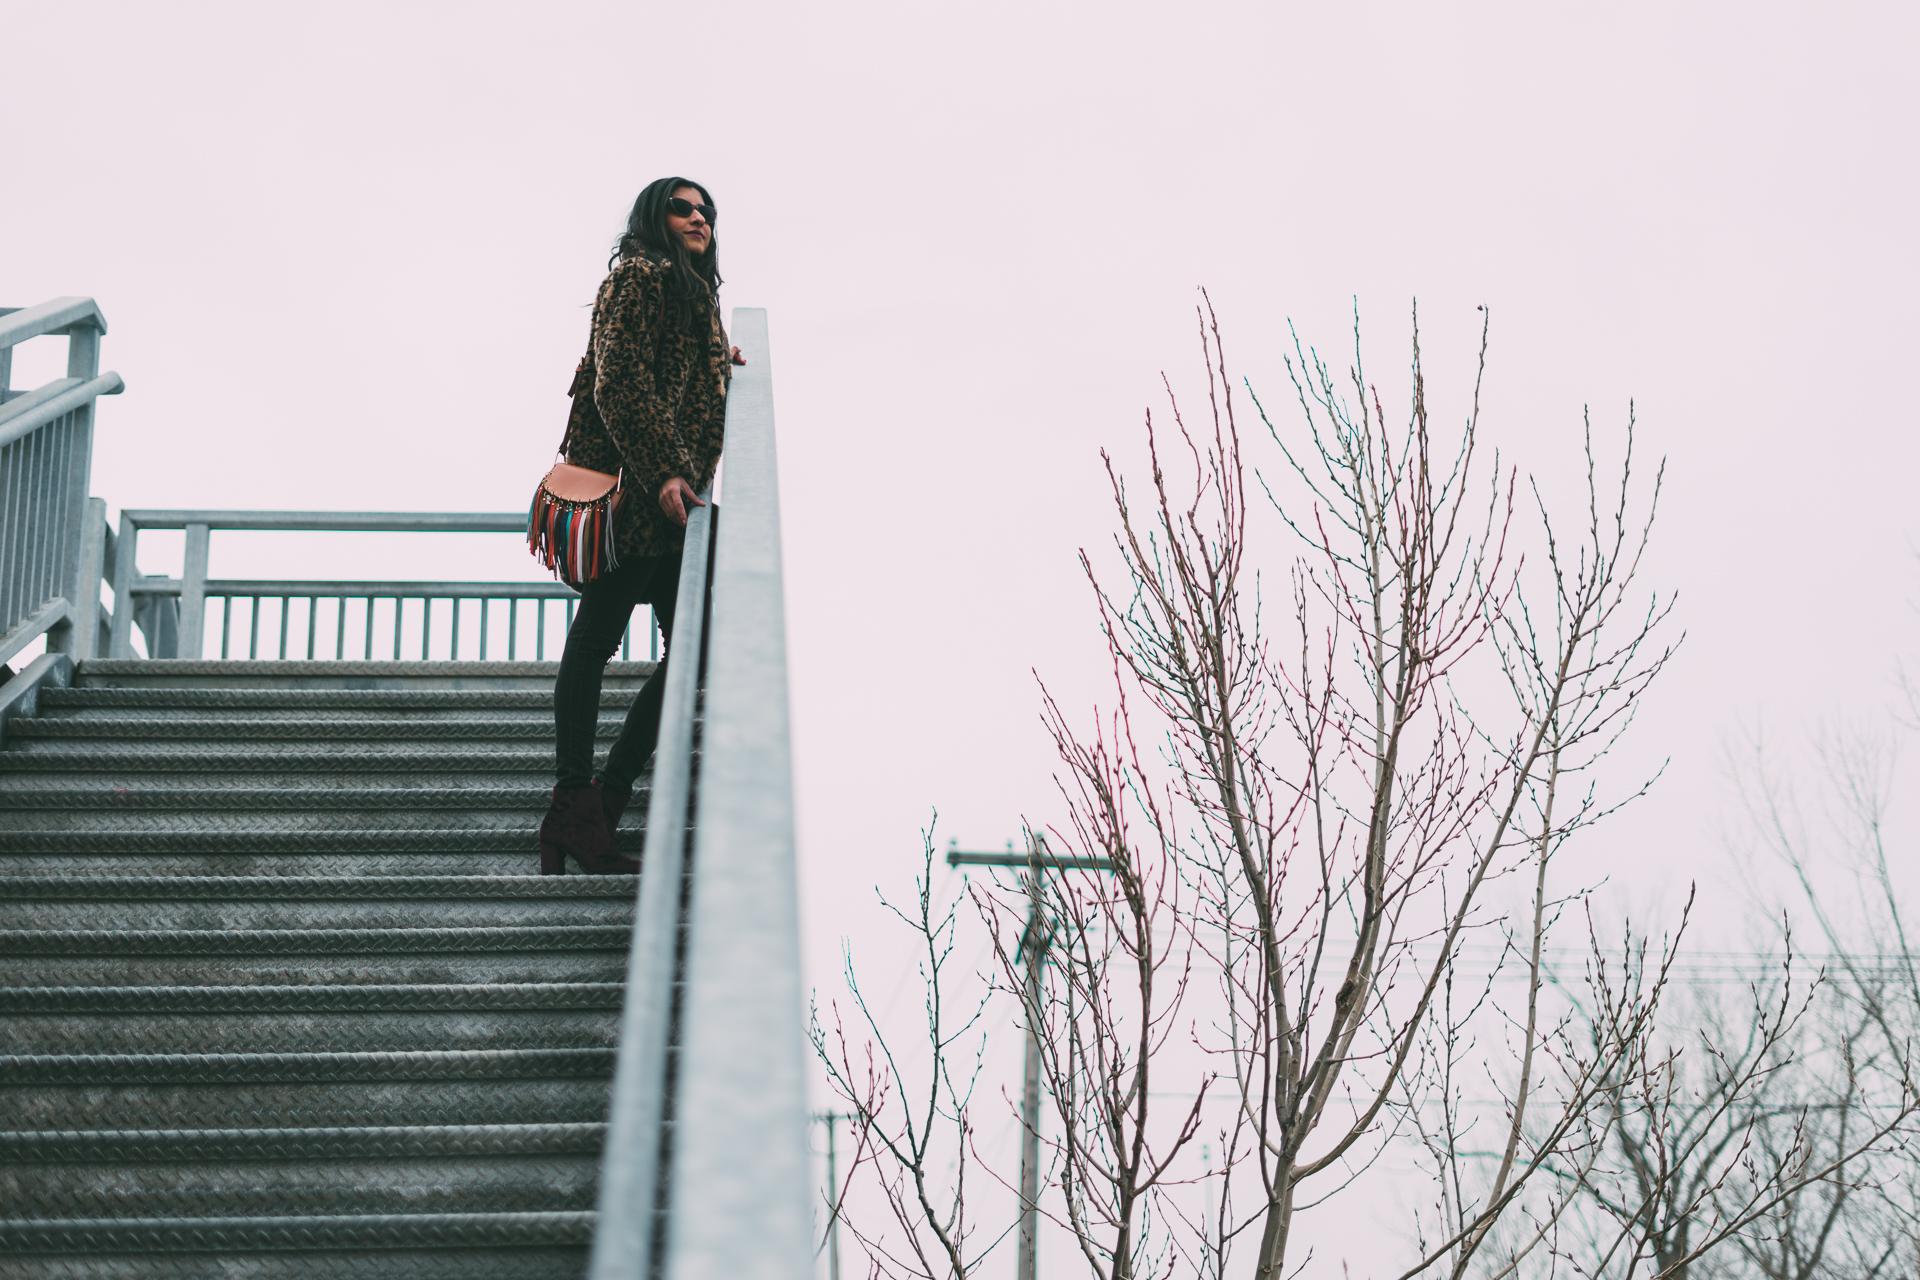 leopard-faux-fur-coat-velvet-boots-winter-style-blogger-outfit 16